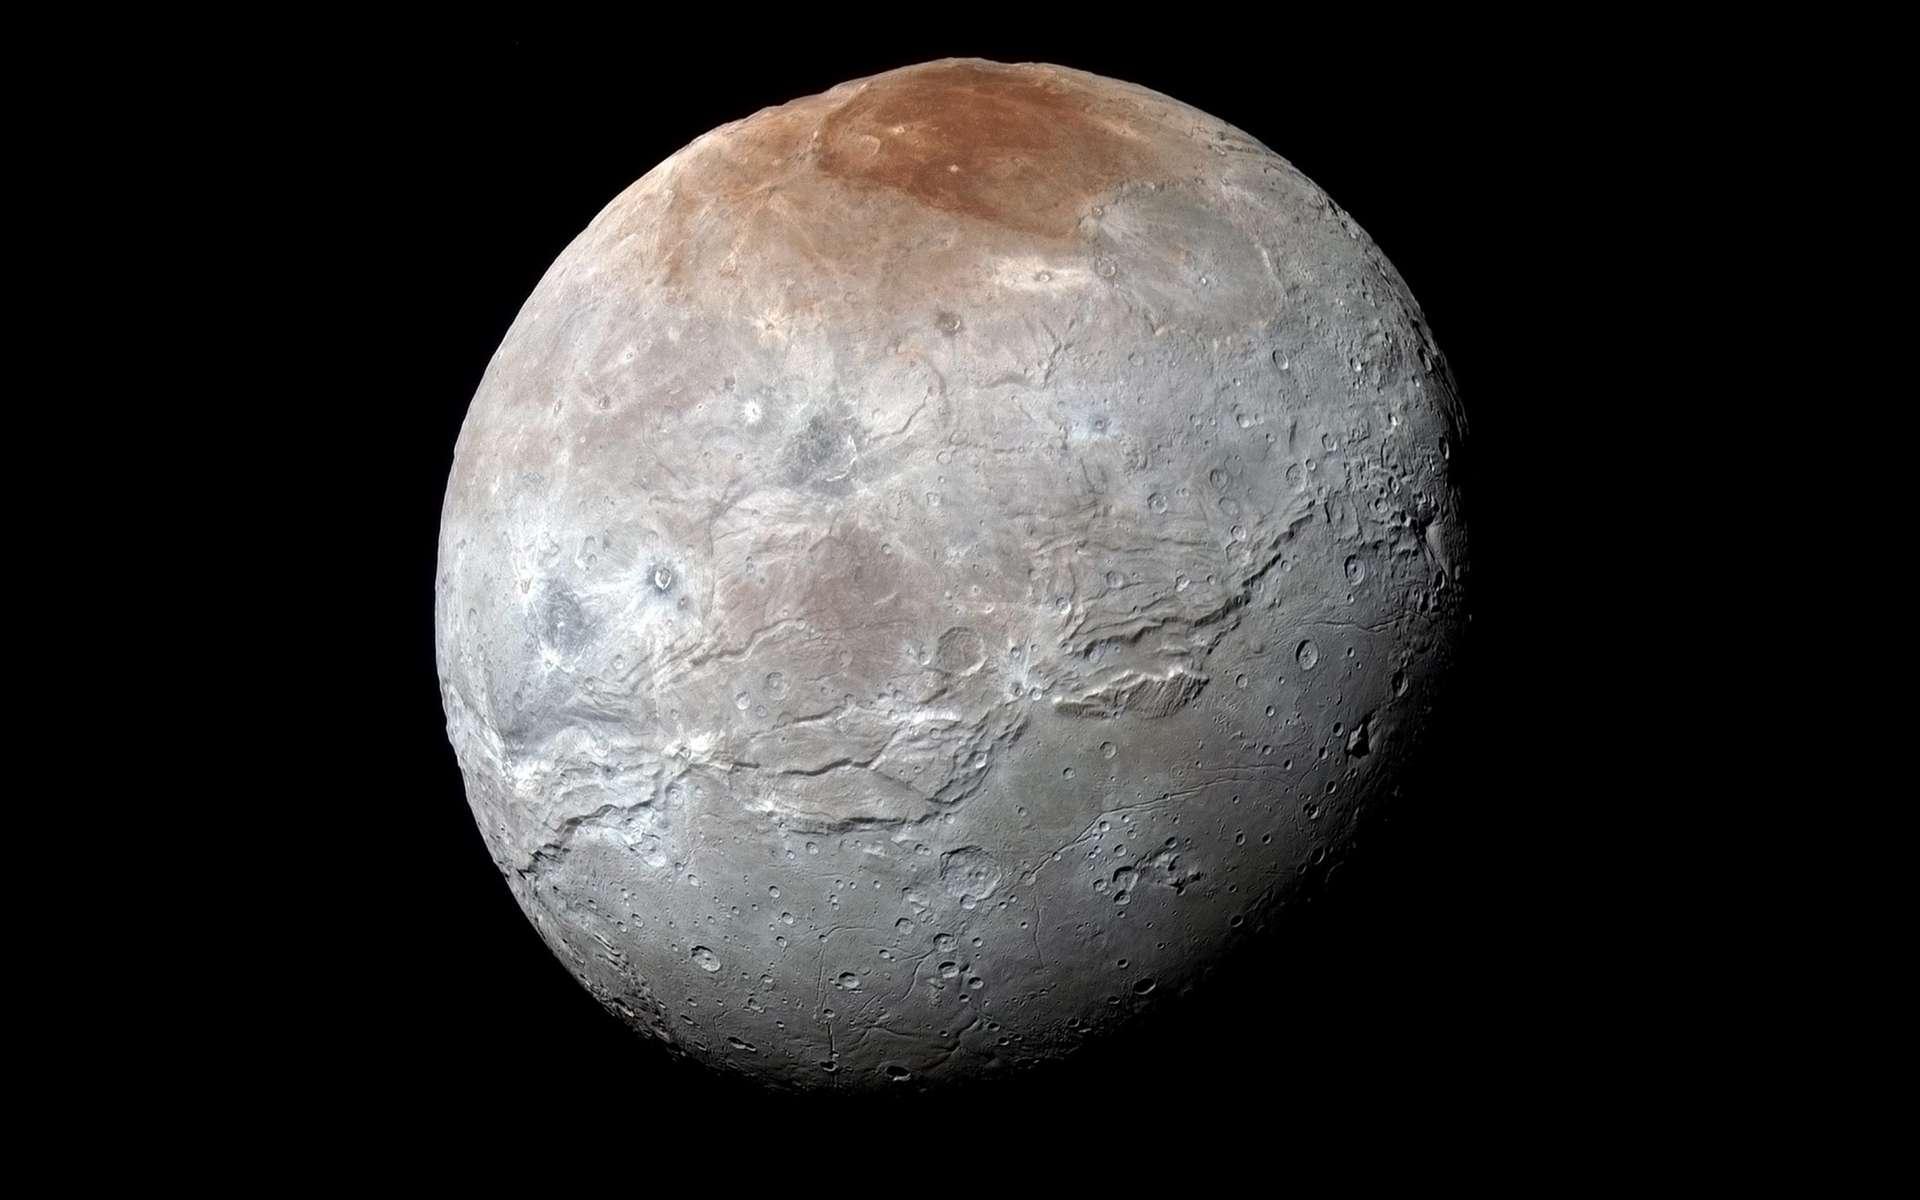 La sonde New Horizons a survolé Charon, la plus grosse lune de Pluton, en 2015 et en a dévoilé le visage balafré et cratérisé, surmonté d'un pôle nord aux teintes rougeâtres. © Nasa/JHUAPL/SwRI